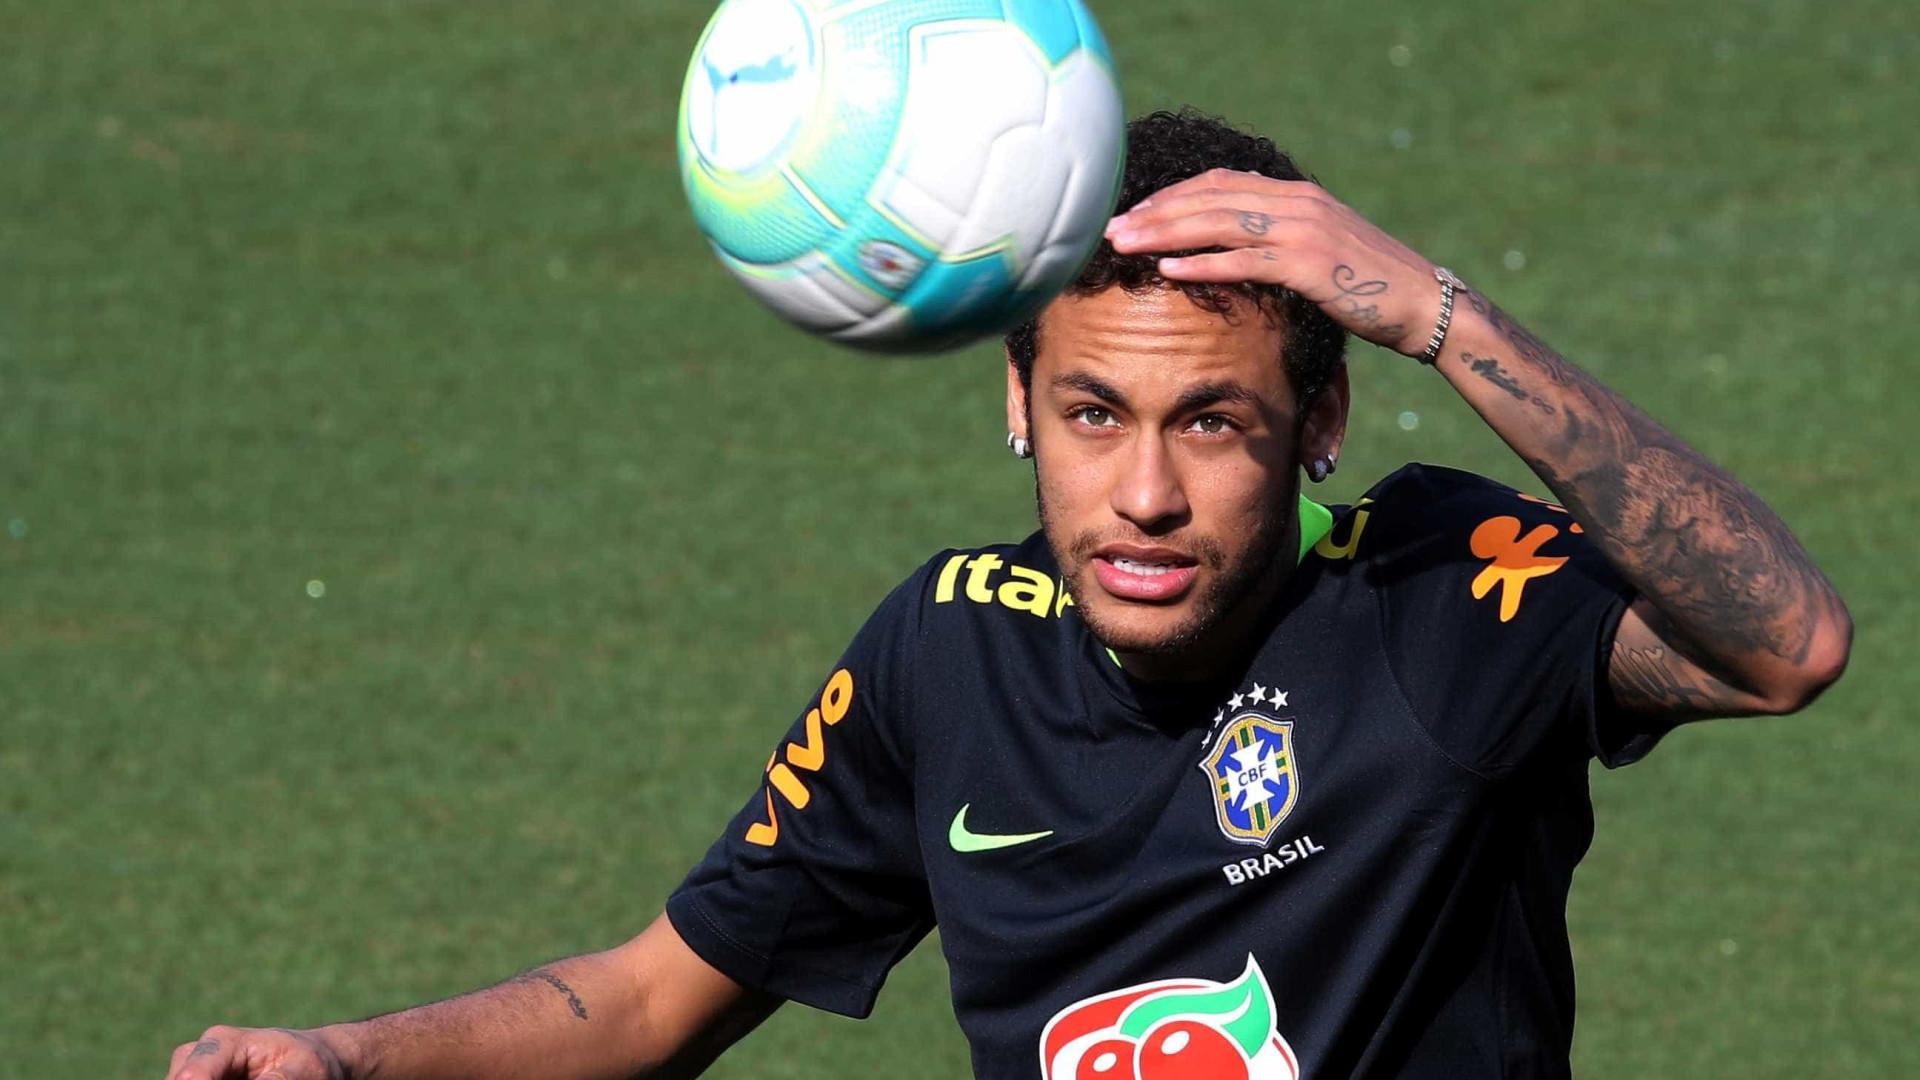 Em grande fase, Neymar será o capitão do Brasil no jogo com o Paraguai